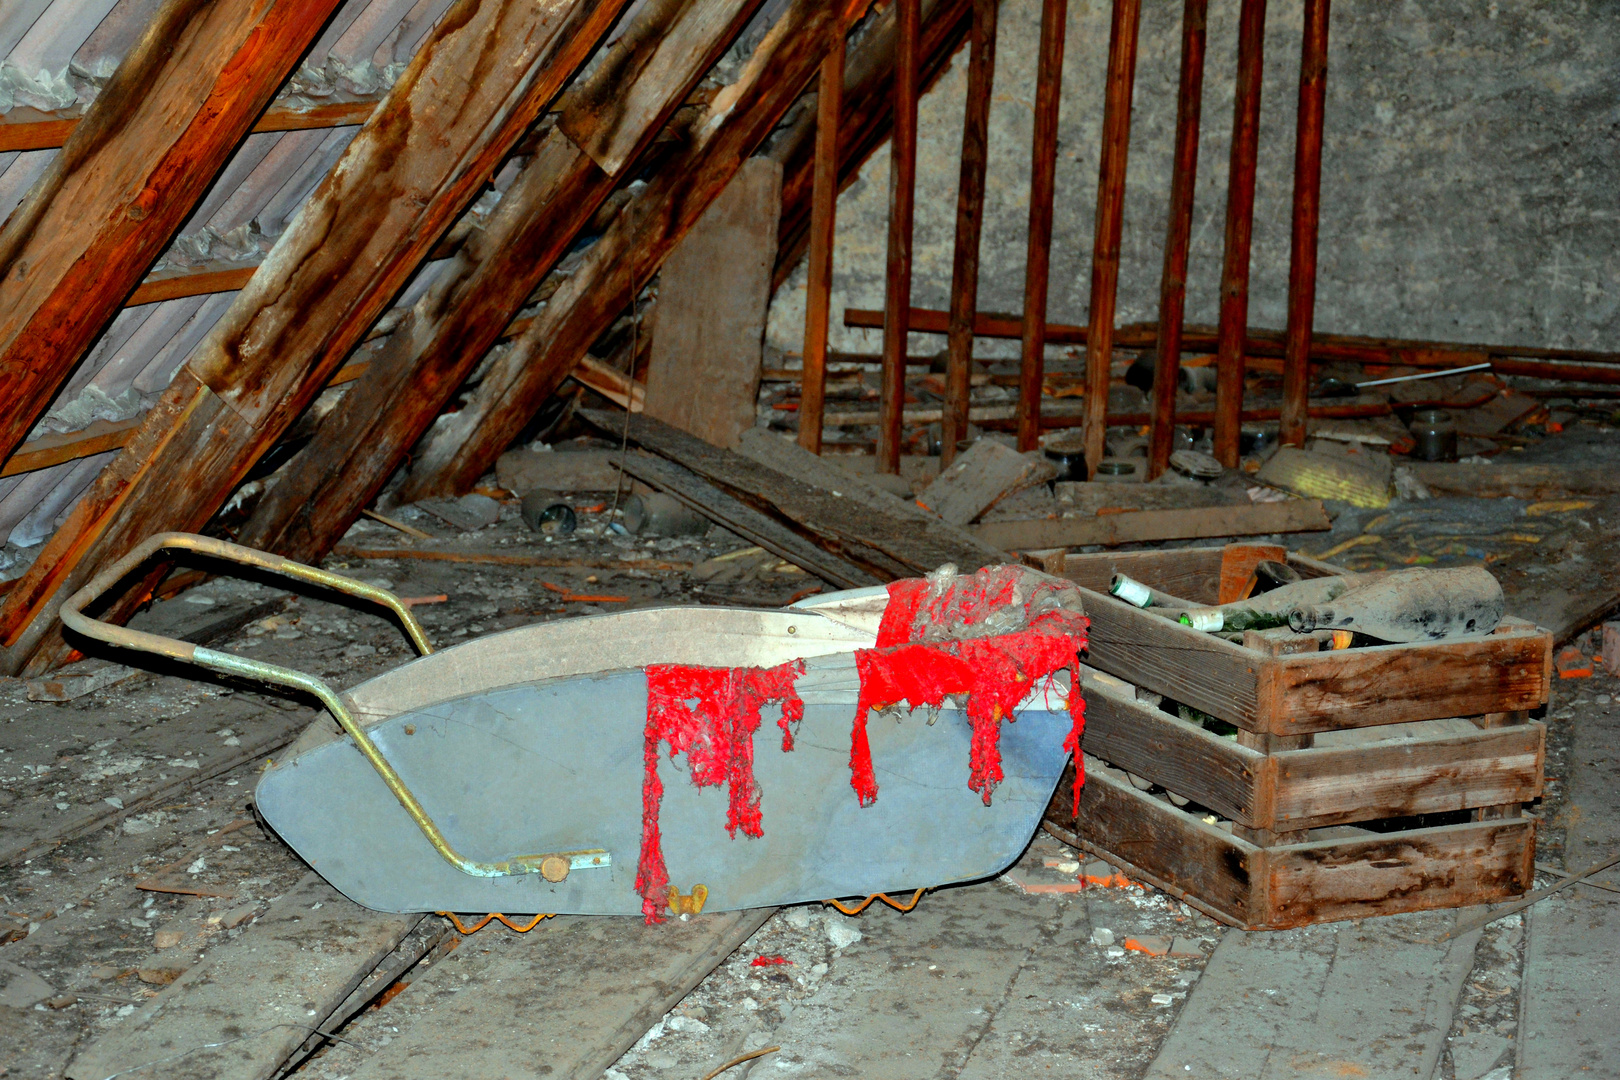 ein Fund auf einem Dachboden